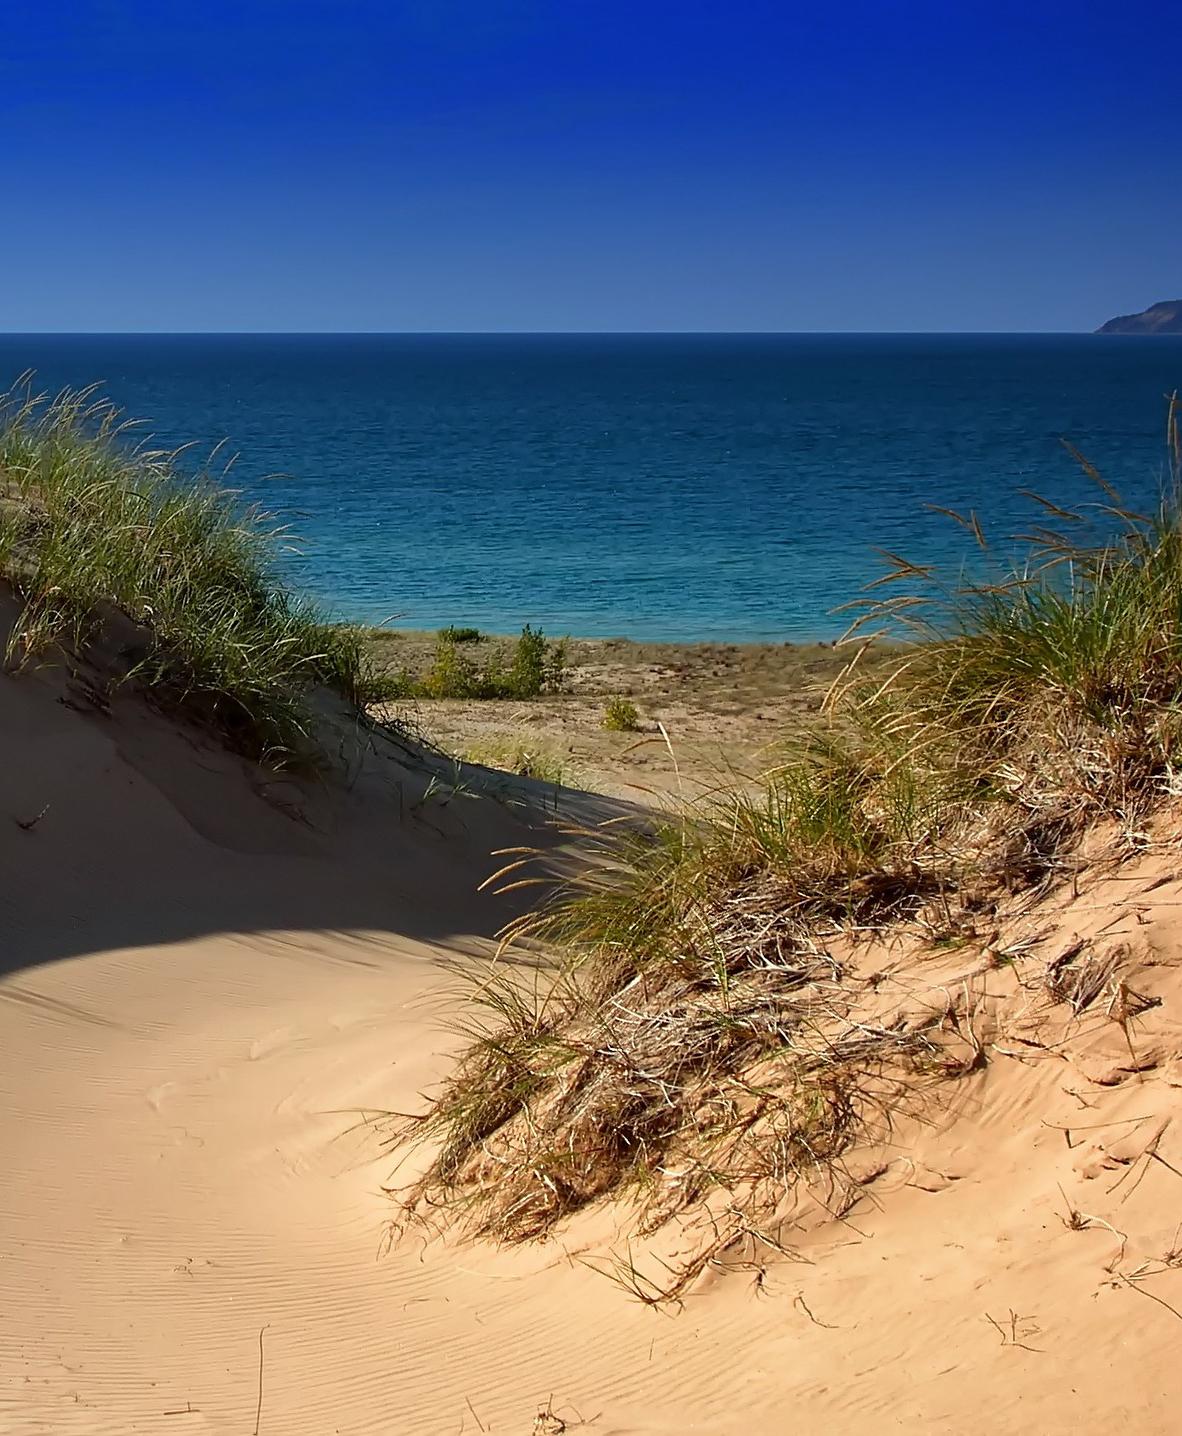 Sand dunes on a beach.